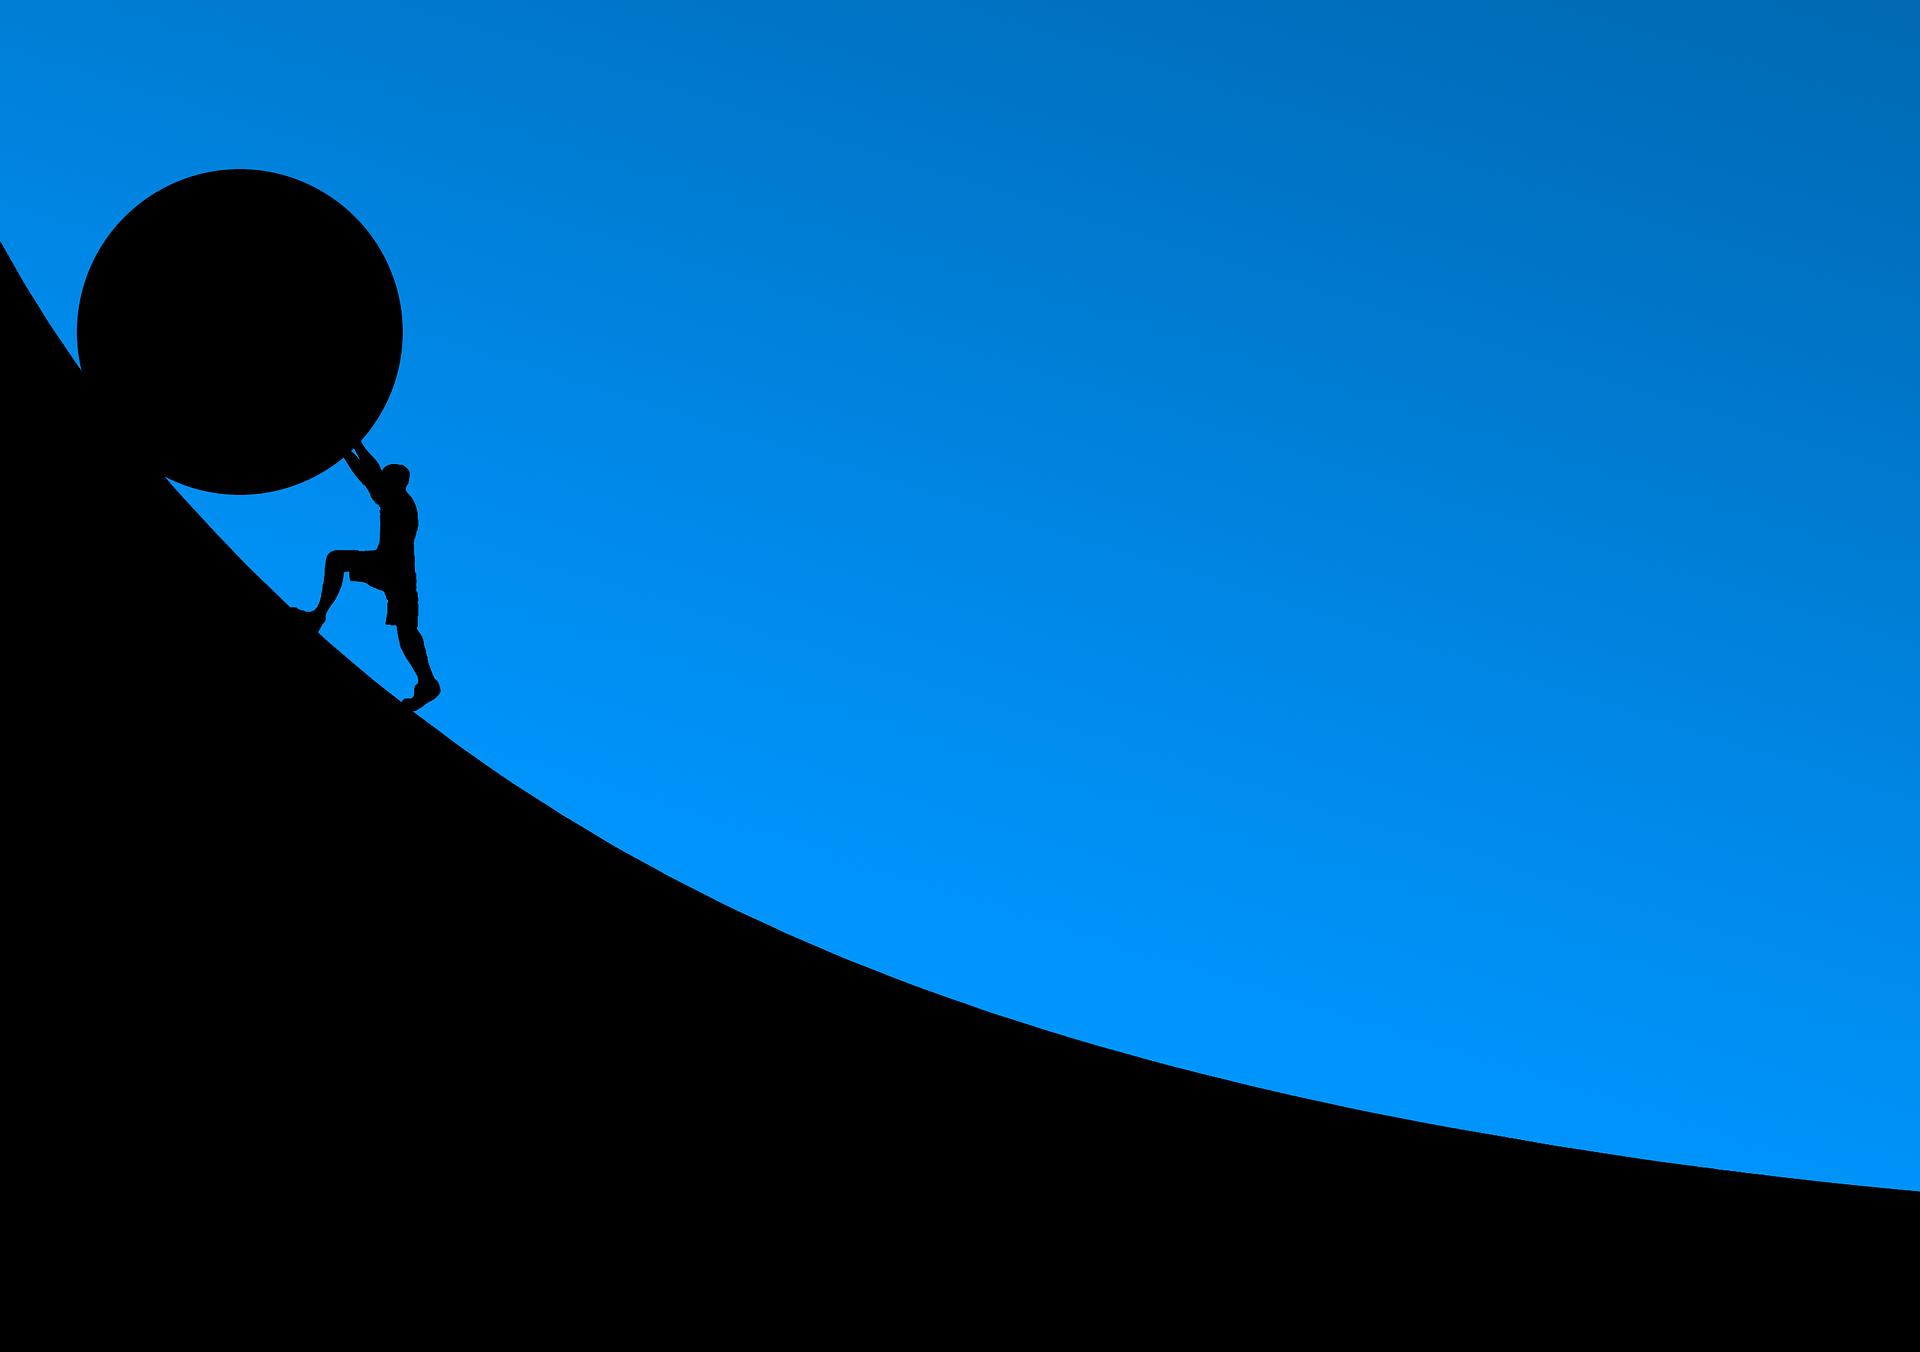 仕事の劣等感を克服する方法【自分の得意分野を伸ばそう】